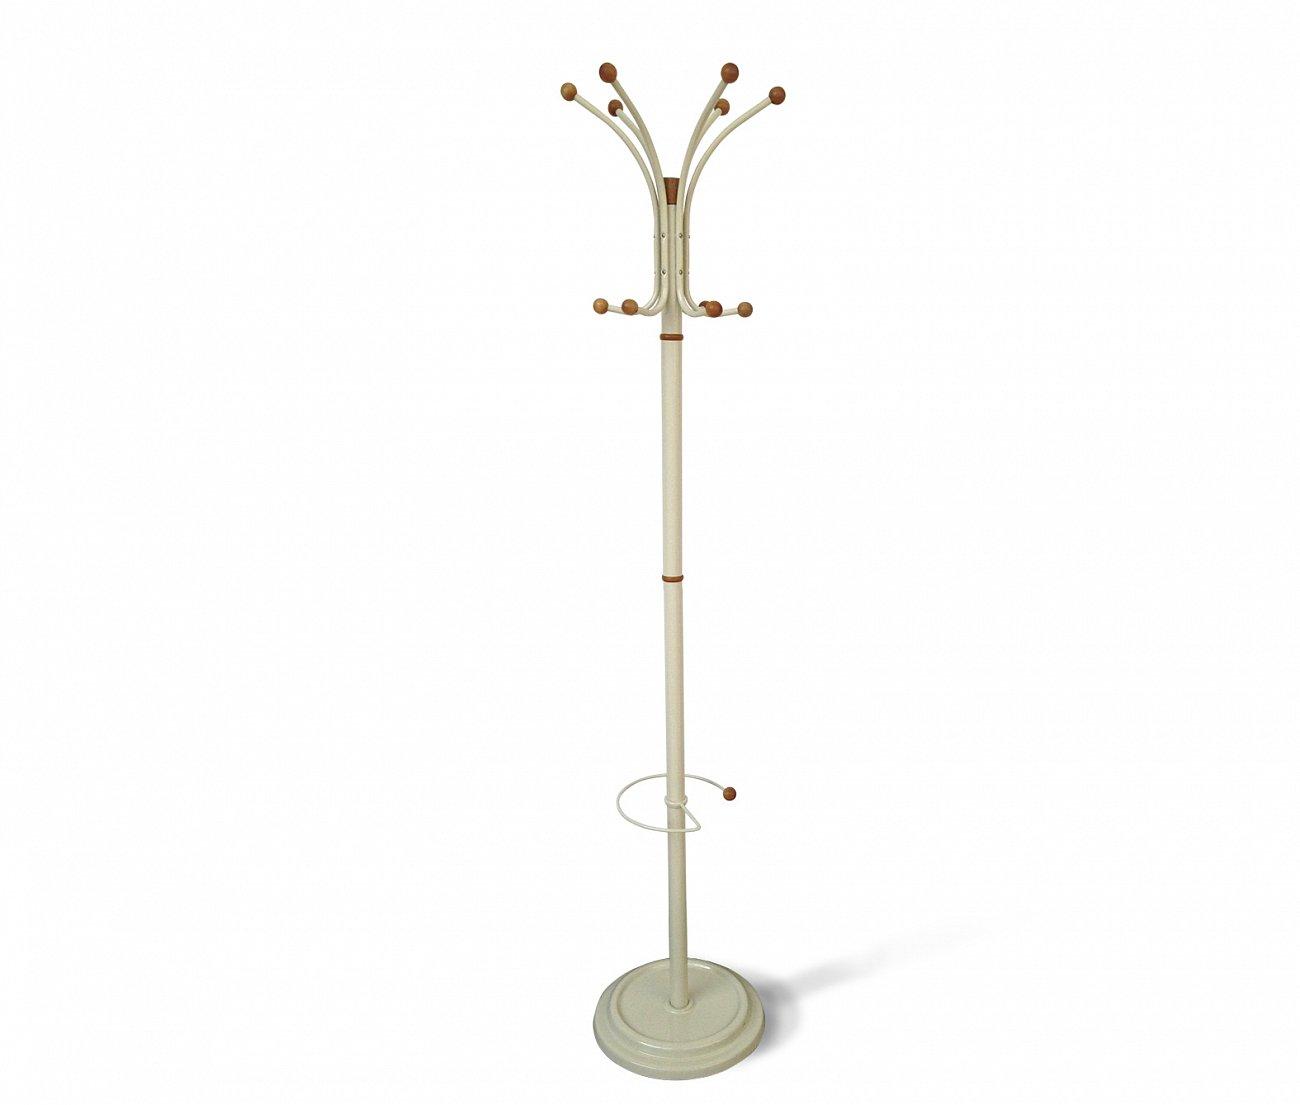 Купить Вешалка напольная CR 7 бело-коричневая в интернет магазине дизайнерской мебели и аксессуаров для дома и дачи